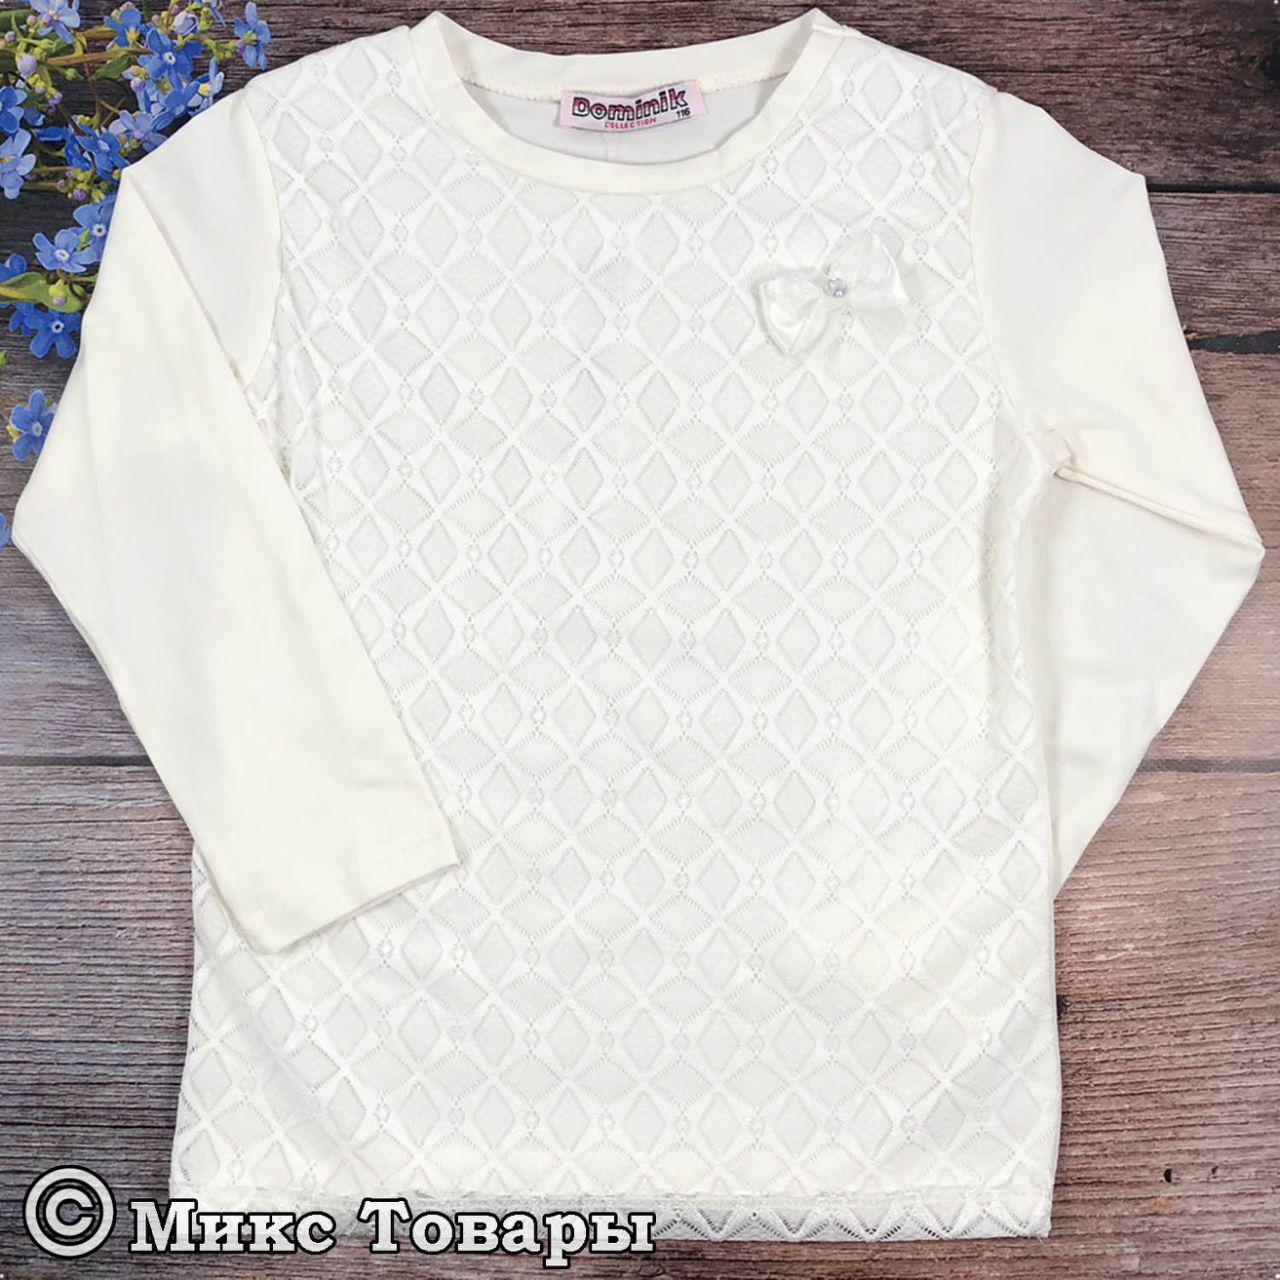 Блузка молочного цвета для девочек Размеры:116-128-140-152-164 см (6672-2)